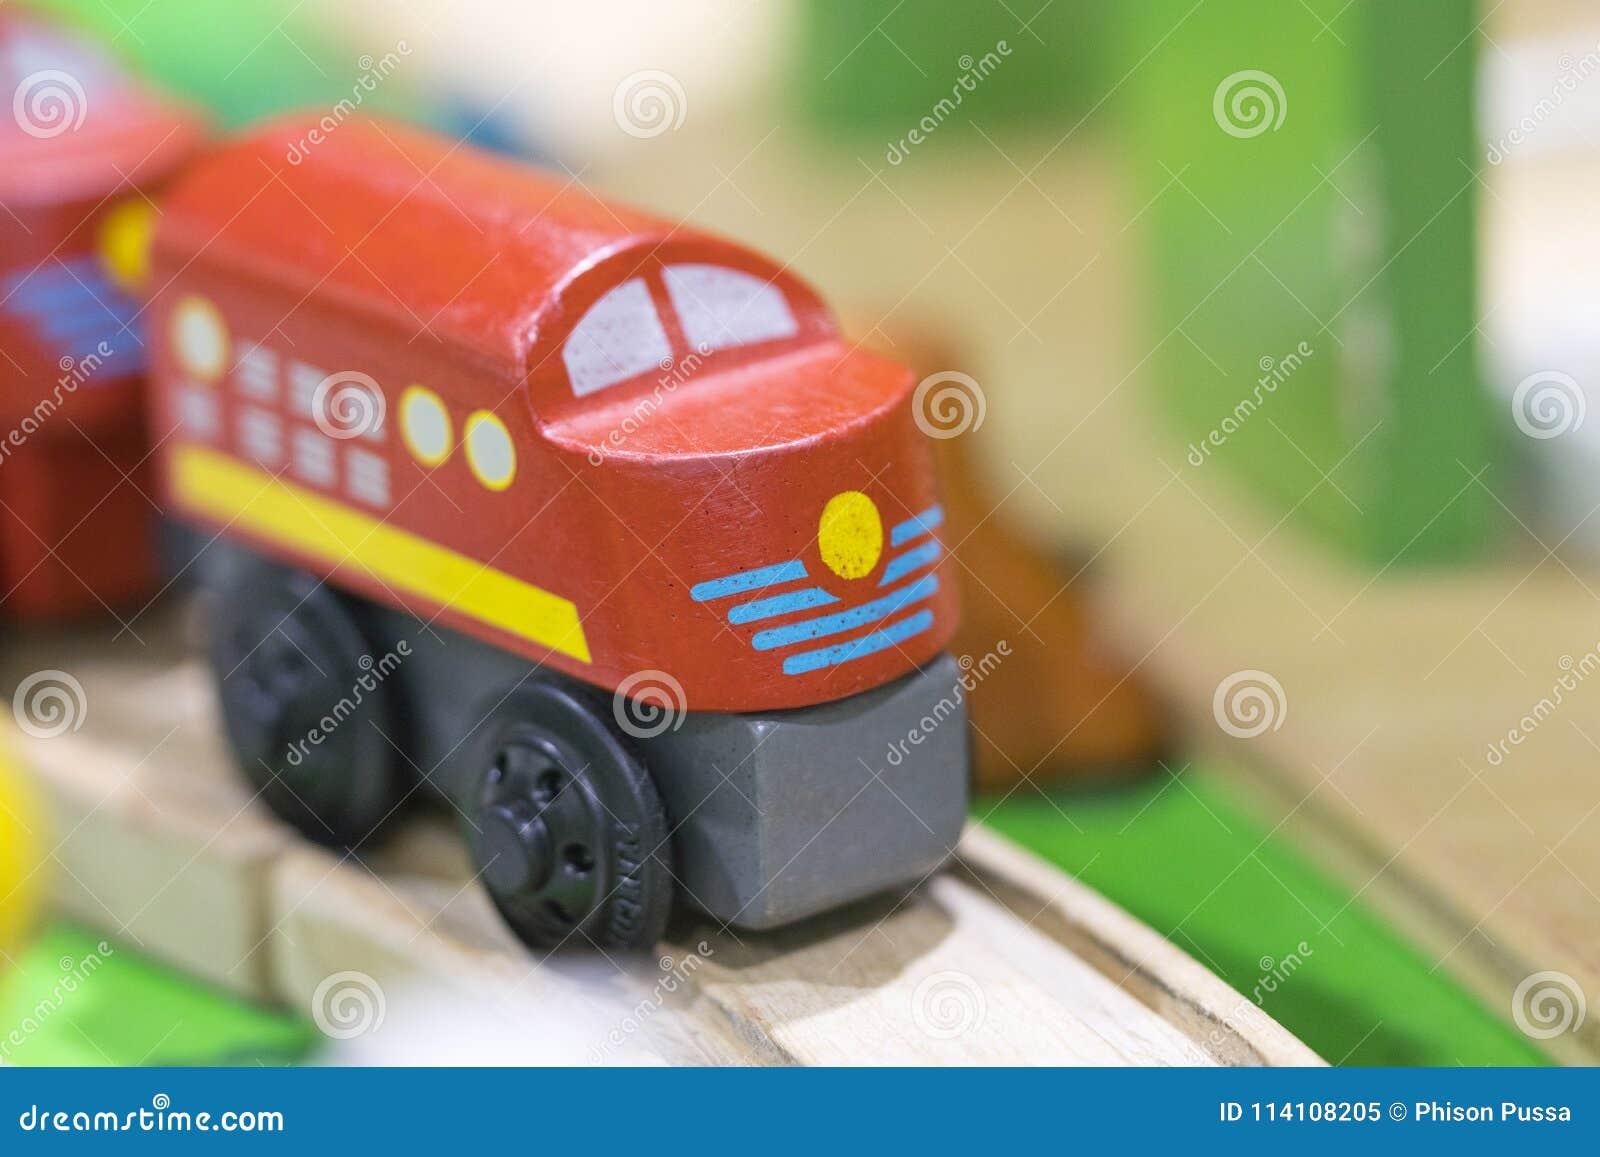 Juguete de madera del tren rojo - los juguetes para los niños juegan los juguetes educativos determinados f